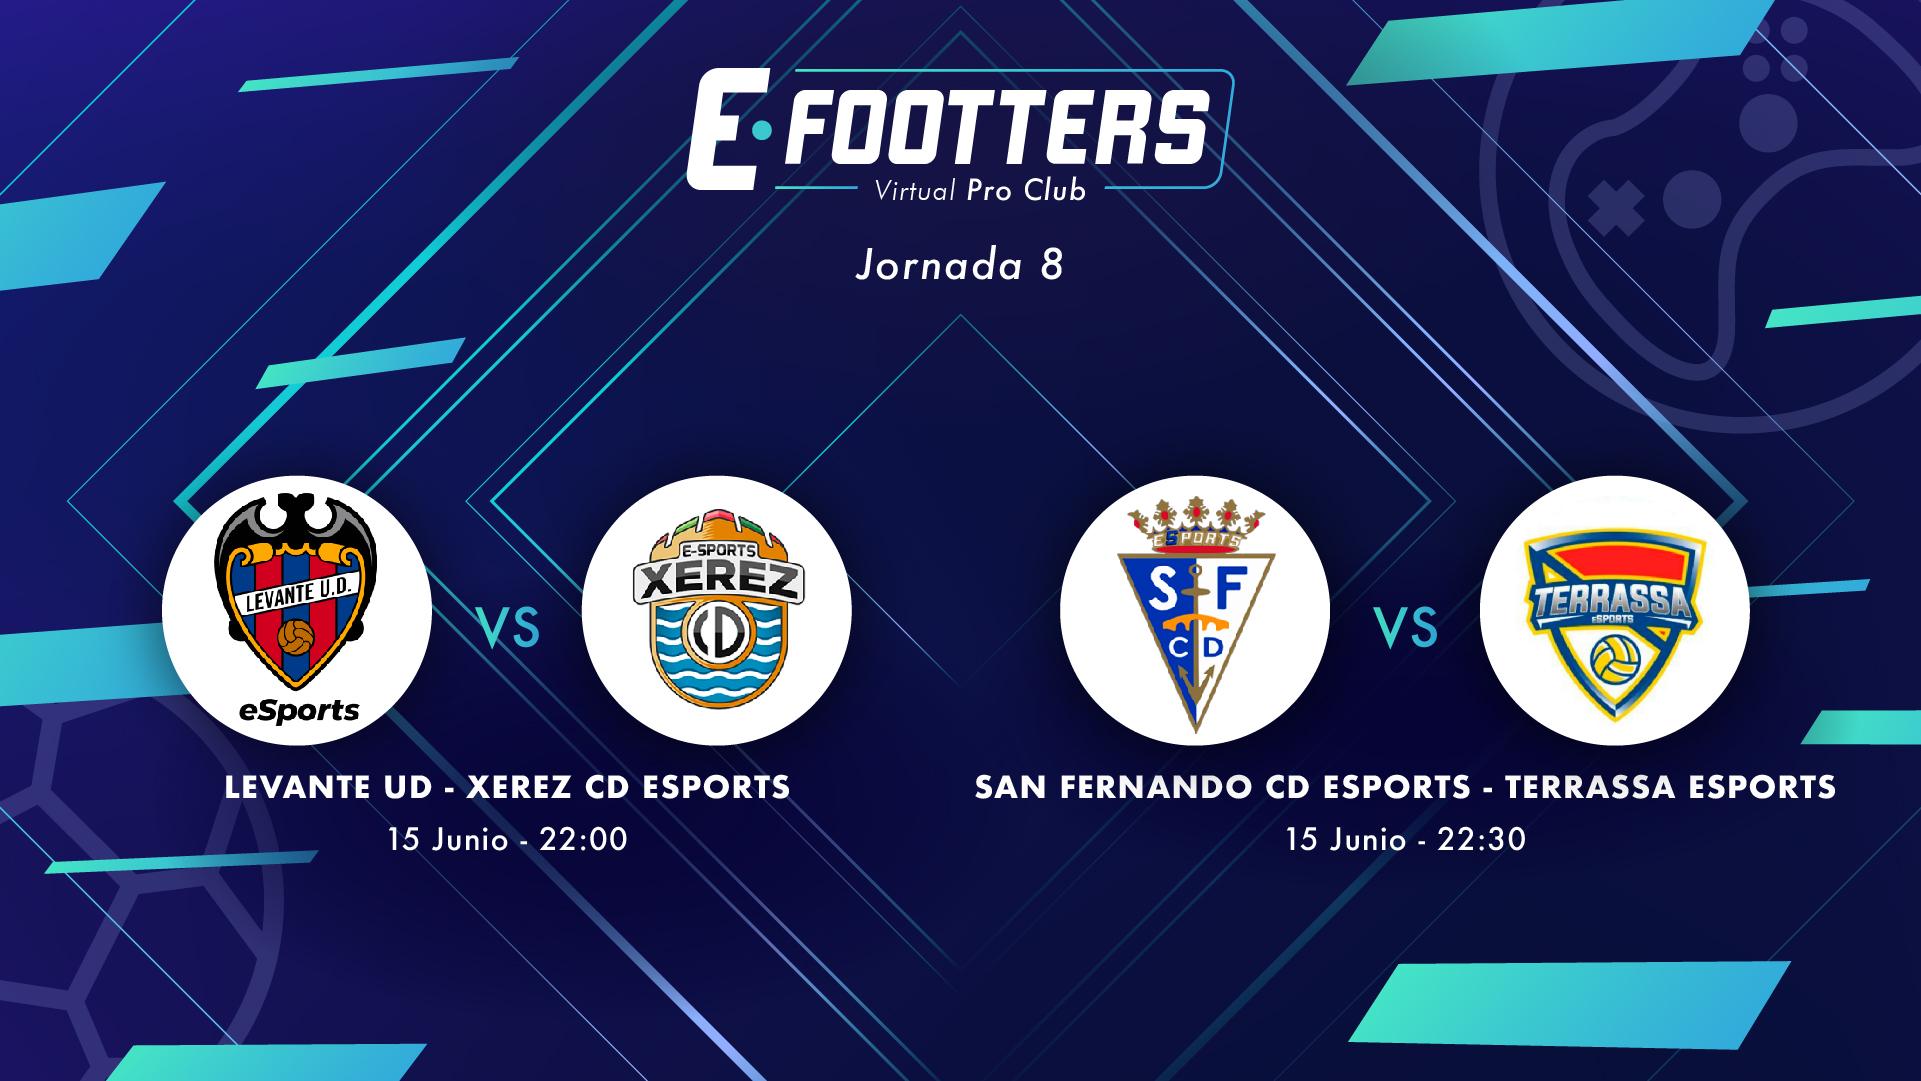 Levante - Xerez y San Fernando - Terrassa, partidos de la jornada 8